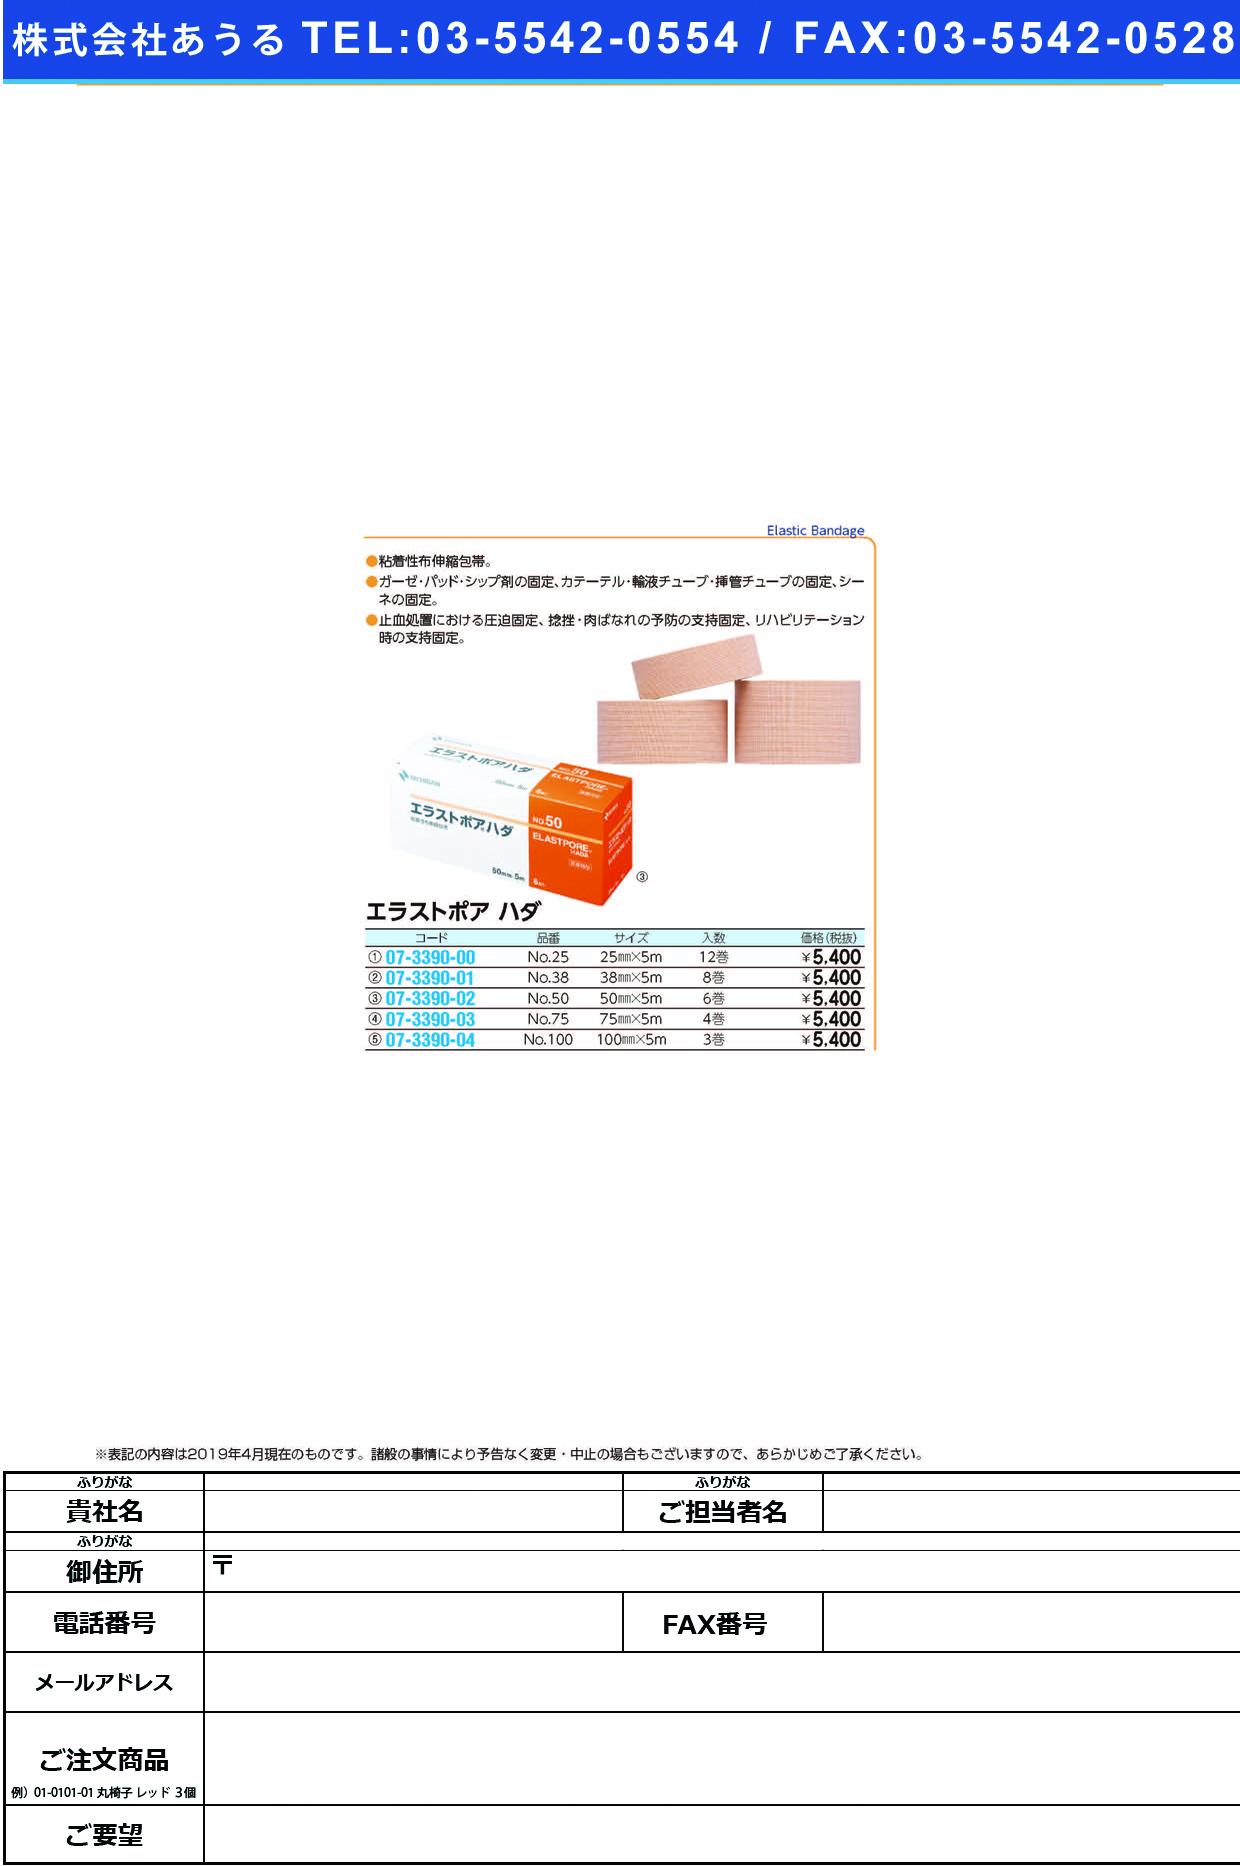 (07-3390-01)エラストポア・ハダNo.38 ELPH38(38MMX5M)8カン エラストポアハダ(ニチバン)【1箱単位】【2019年カタログ商品】